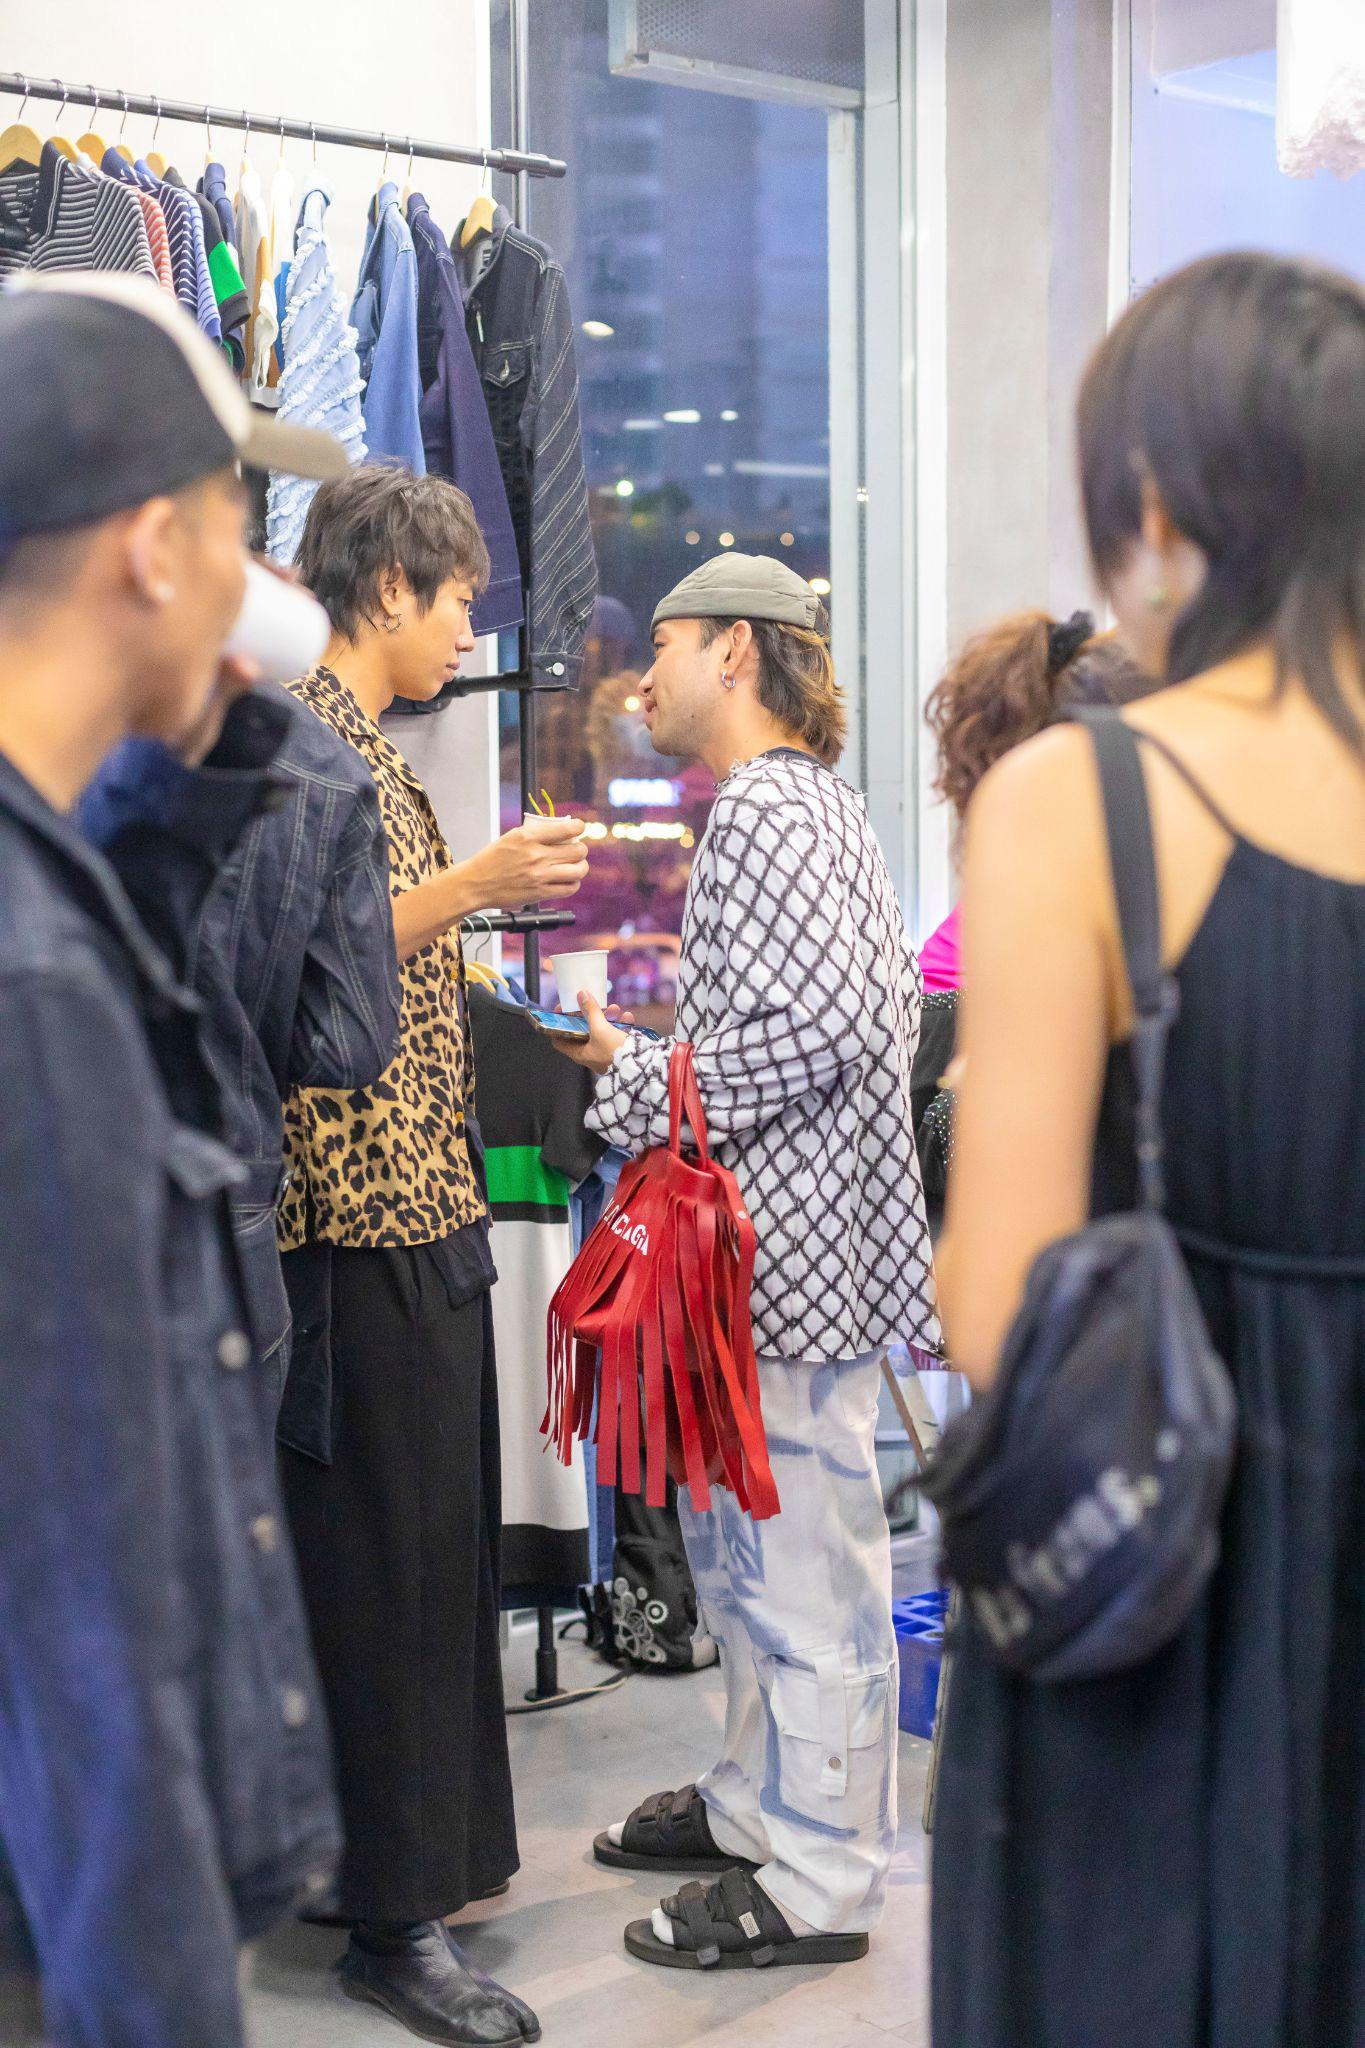 Sự kiện ra mắt BST Nét đẹp lao động của Messi Jeans: Hot fashionista Louis Hà góp mặt, có cả khu vực may túi lấy ngay - Ảnh 7.